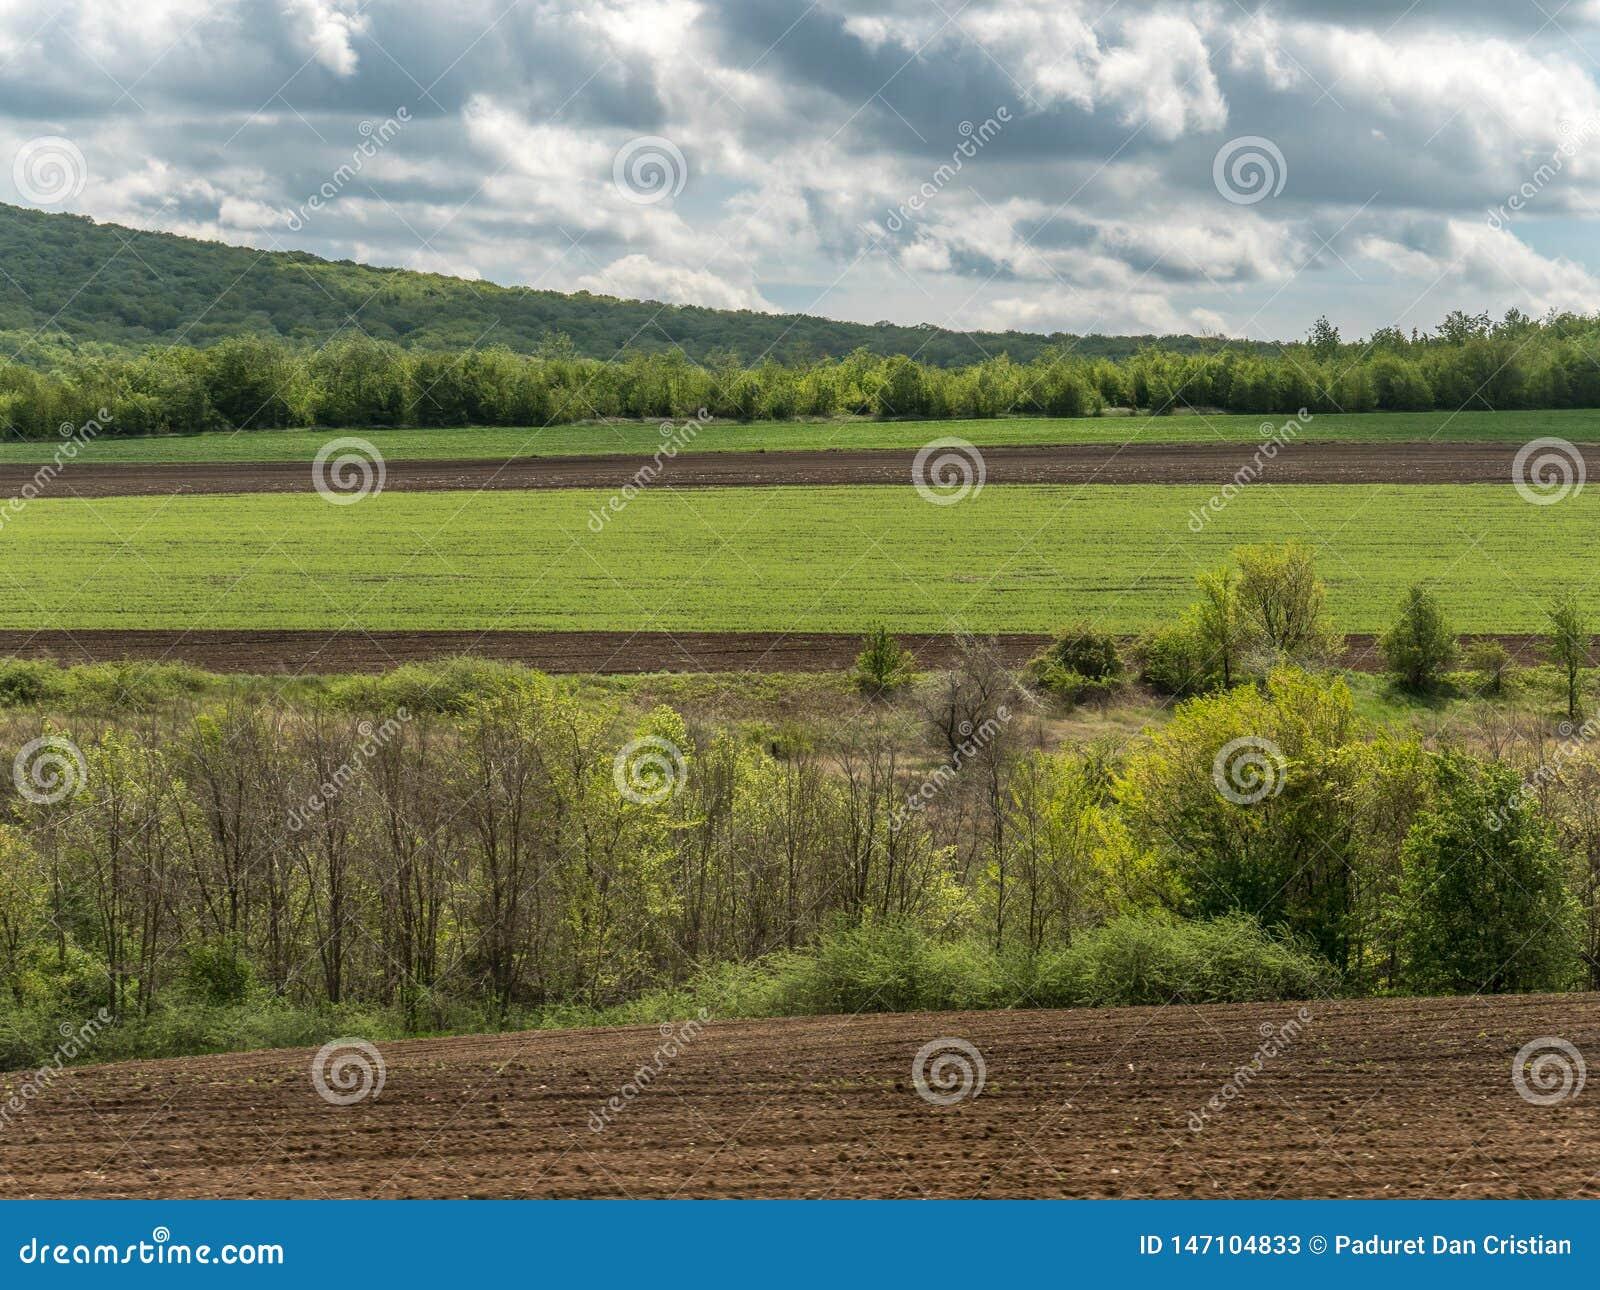 Τοπίο με τους τομείς γεωργίας και τις πράσινες περιοχές μια ηλιόλουστη ημέρα με το νεφελώδη ουρανό